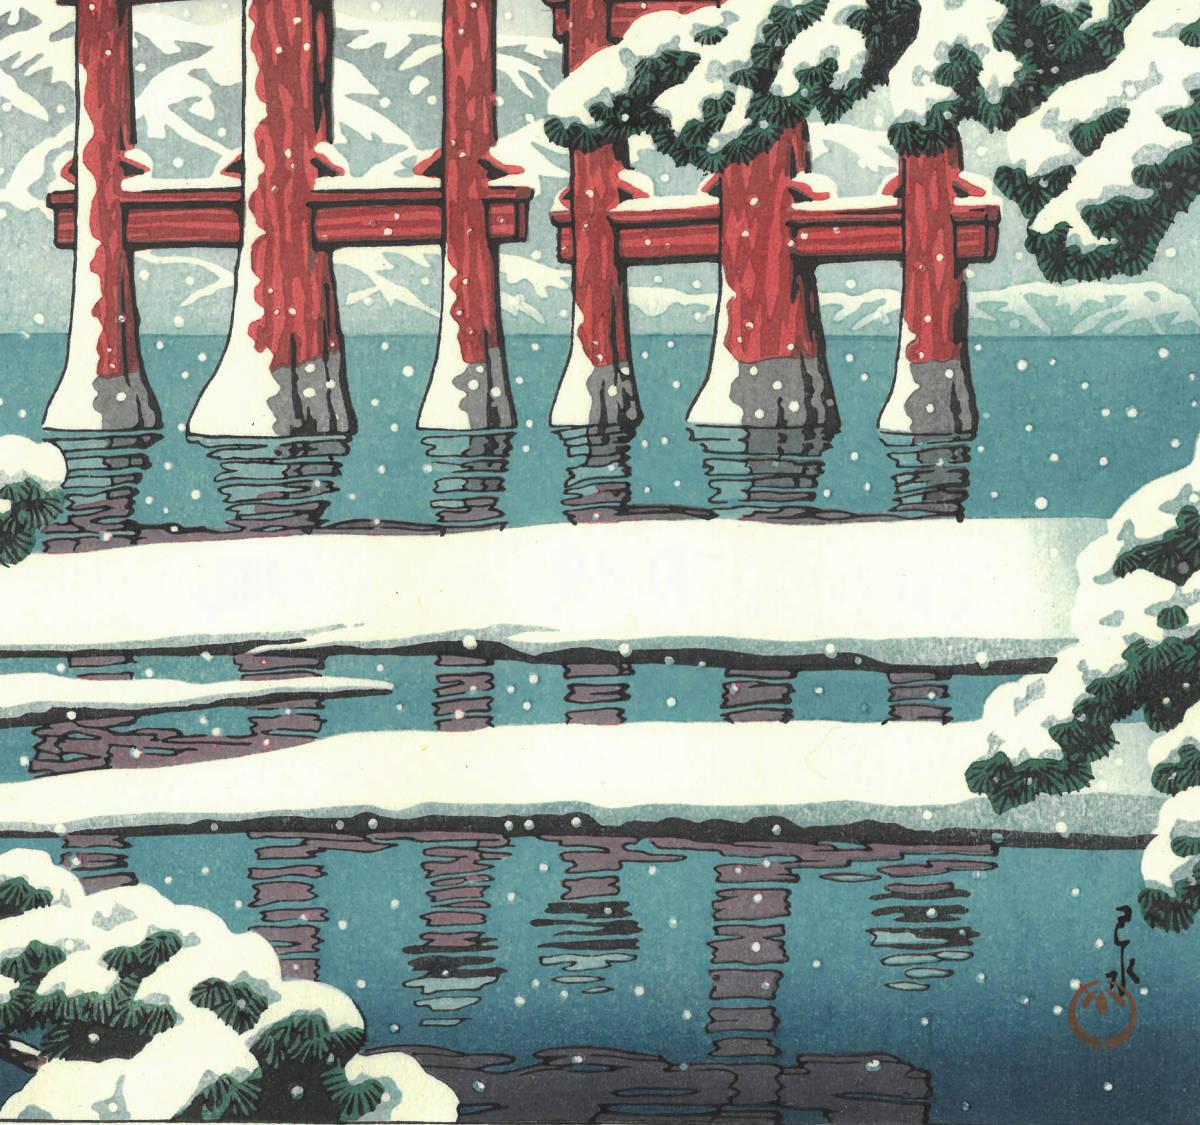 川瀬巴水 木版画 HKS-2  雪の宮島 初版 1929年 昭和4年 (新版画) 最高峰の摺師による貴重な巴水木版画を堪能下さい!!_画像10